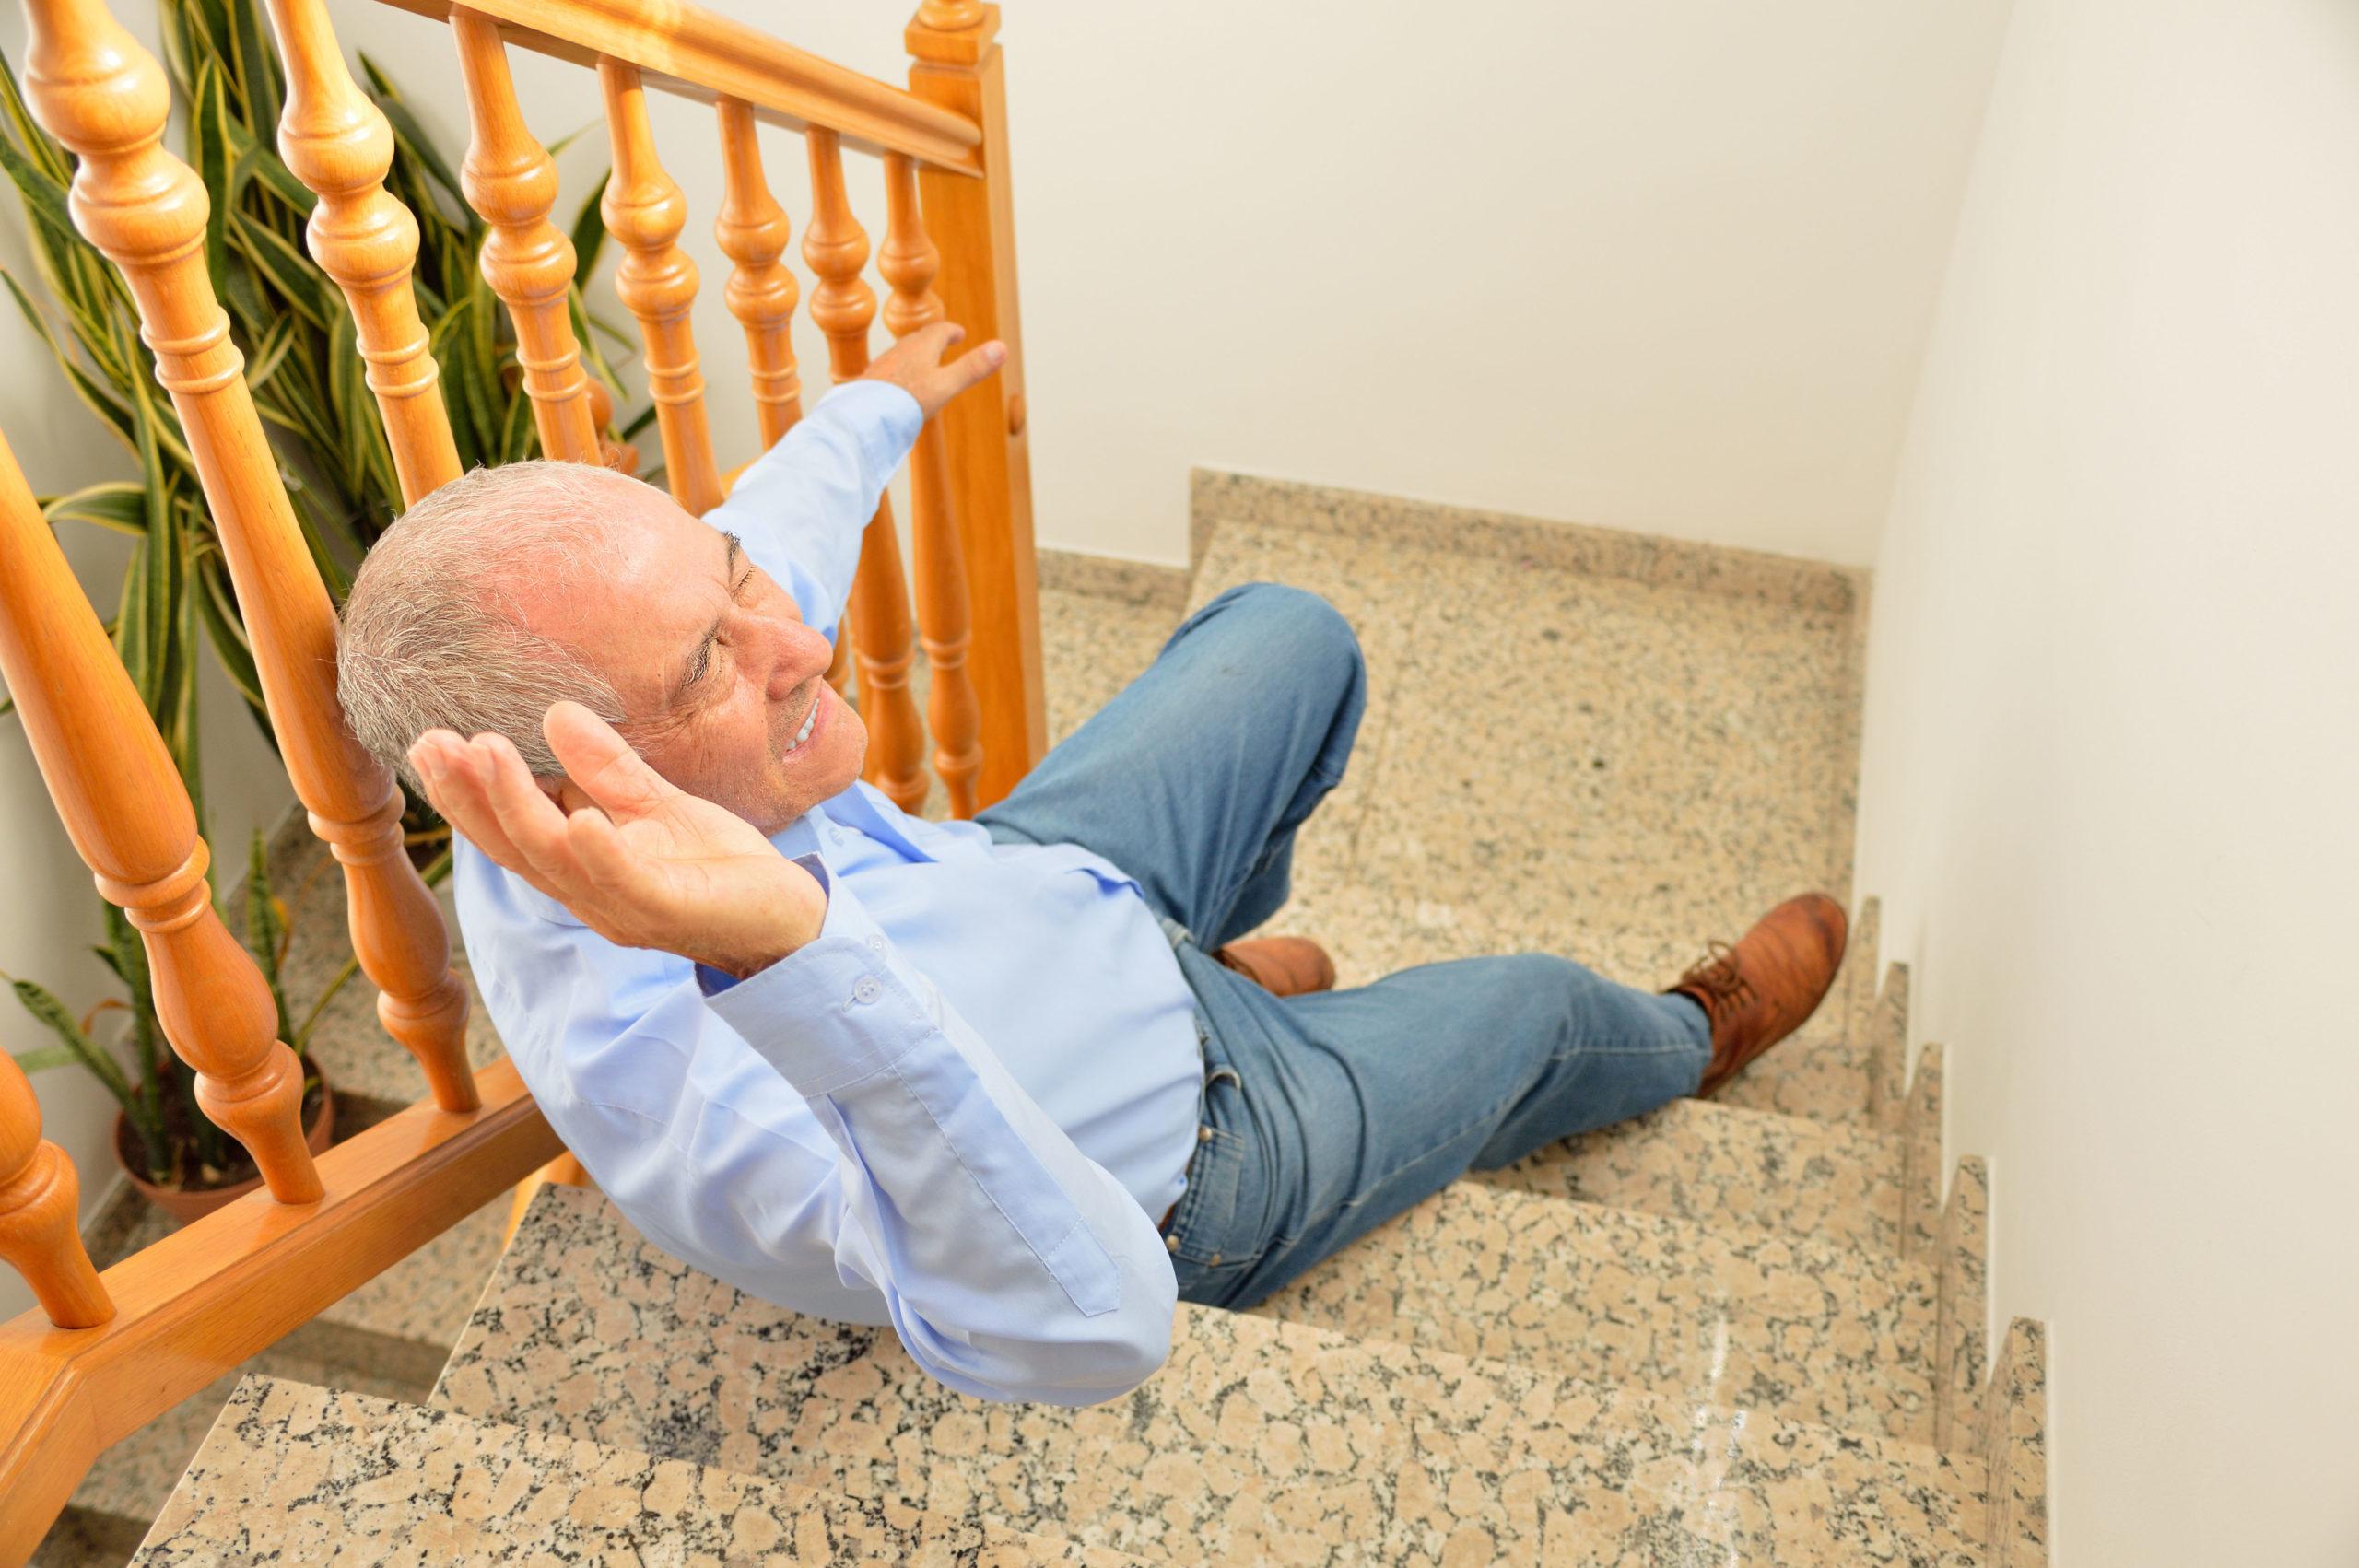 Rutschsicherheit für Senioren